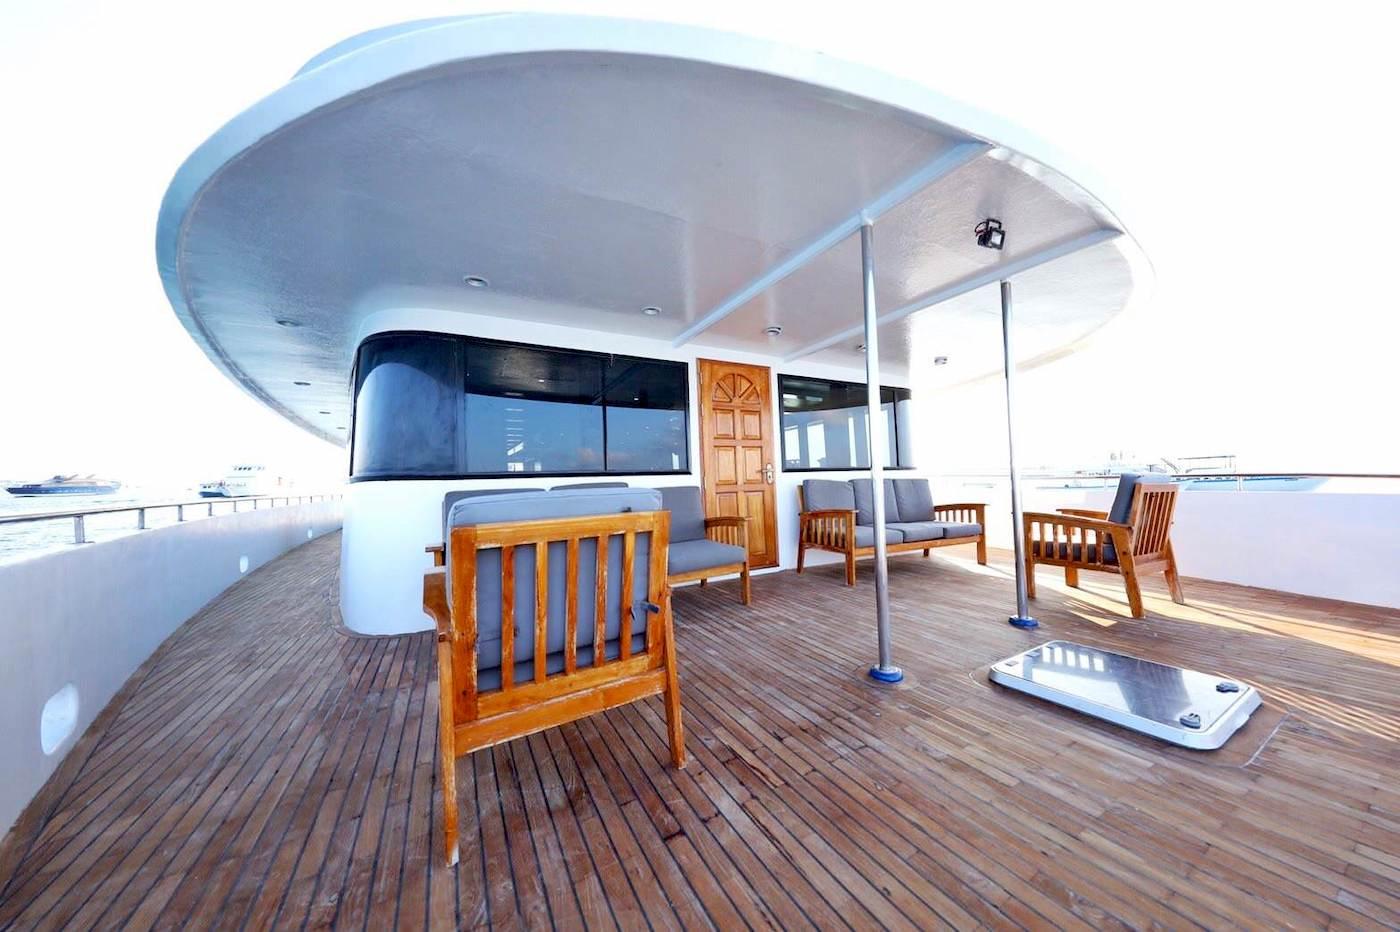 Maldives Legend 1 Surfcharter Boat Trips Deck